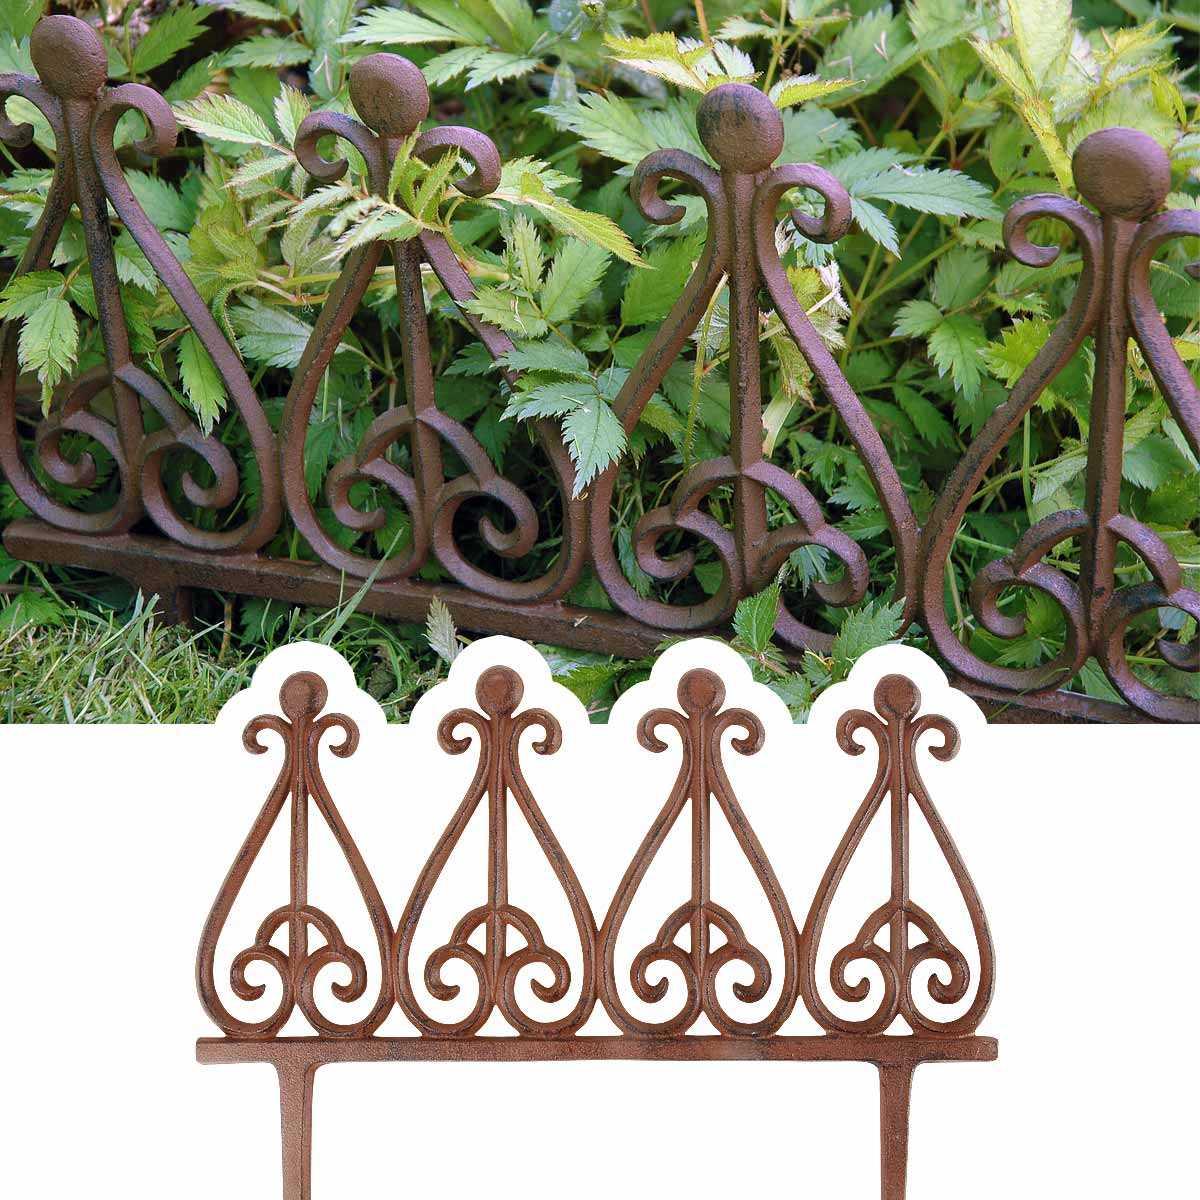 bordure metal fonte style antique vente au meilleur prix jardins animes